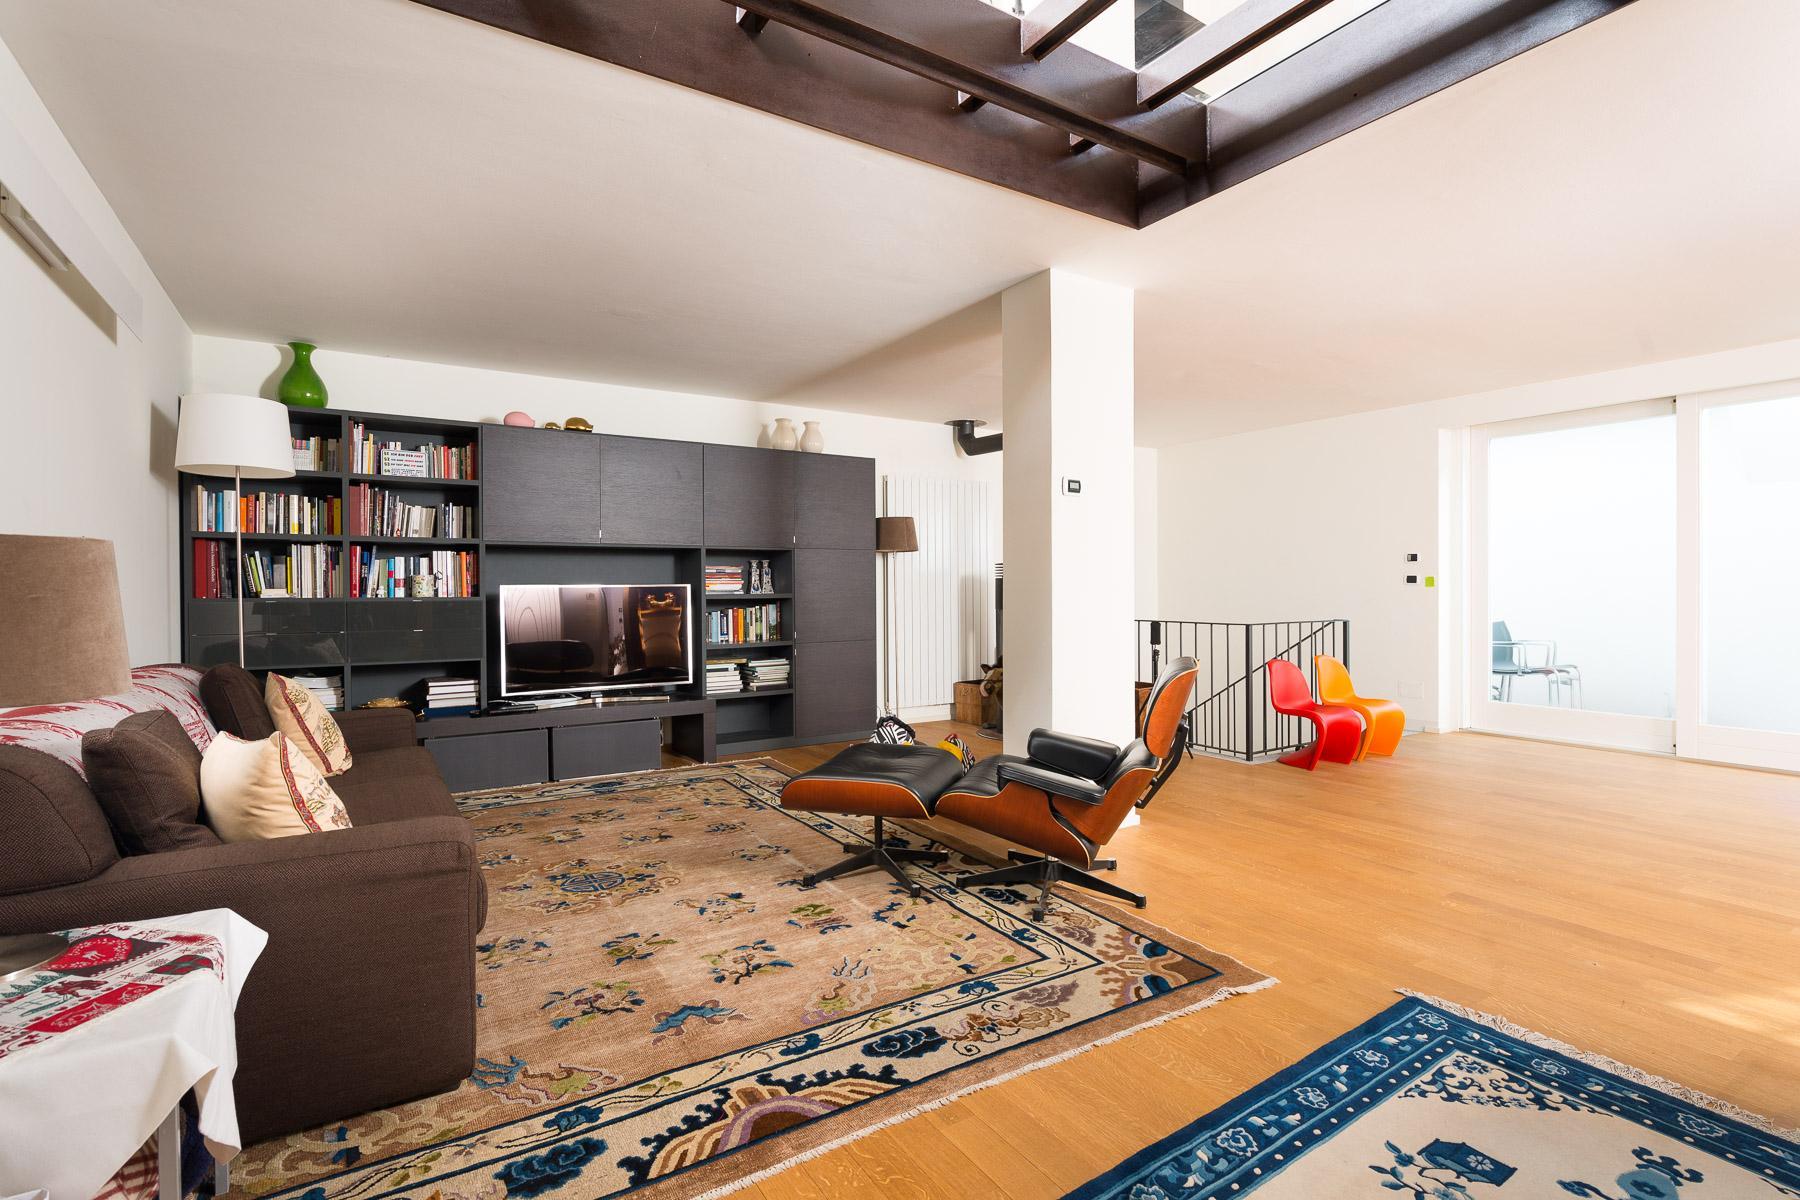 位于d'epoca a Chieri小镇历史悠久别墅内的奢华公寓 - 5